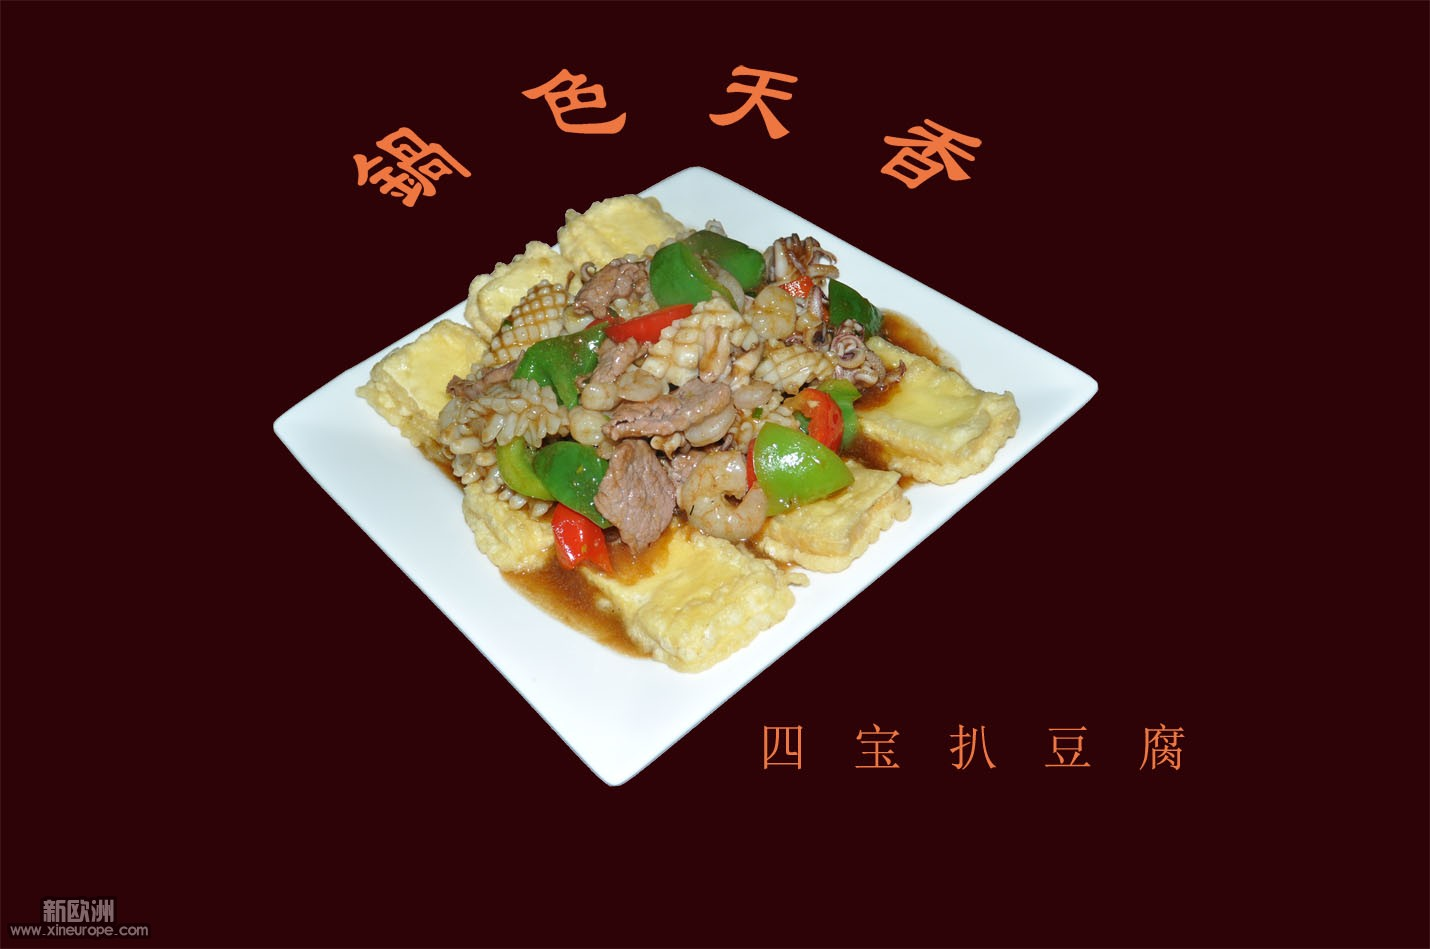 四宝扒豆腐.jpg